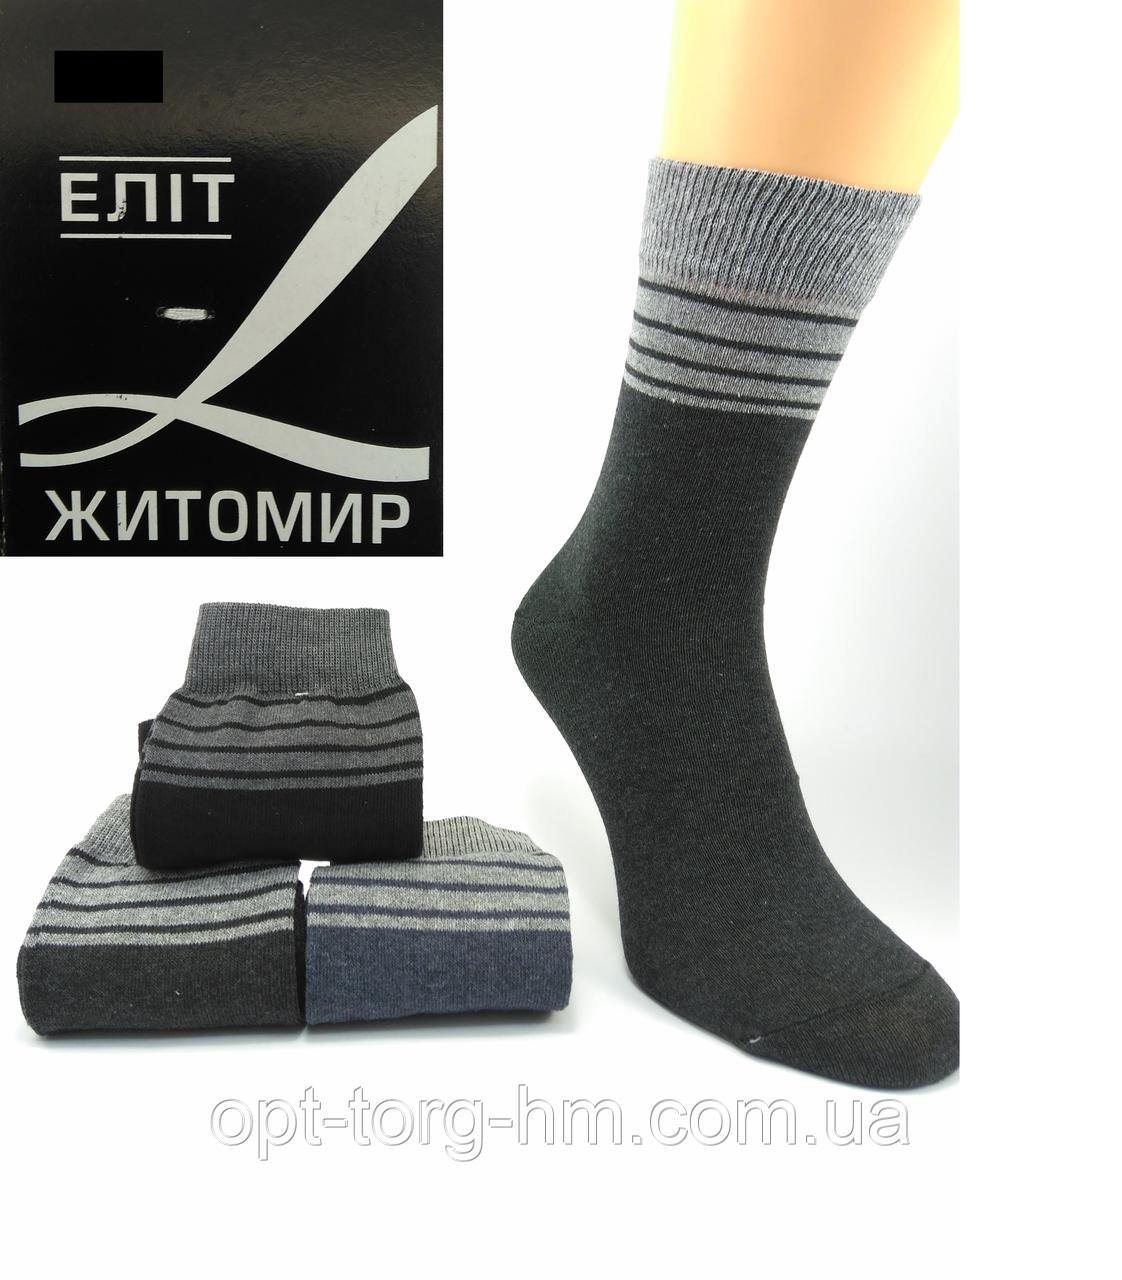 Носки мужские черные со вставкой. Димисезонные